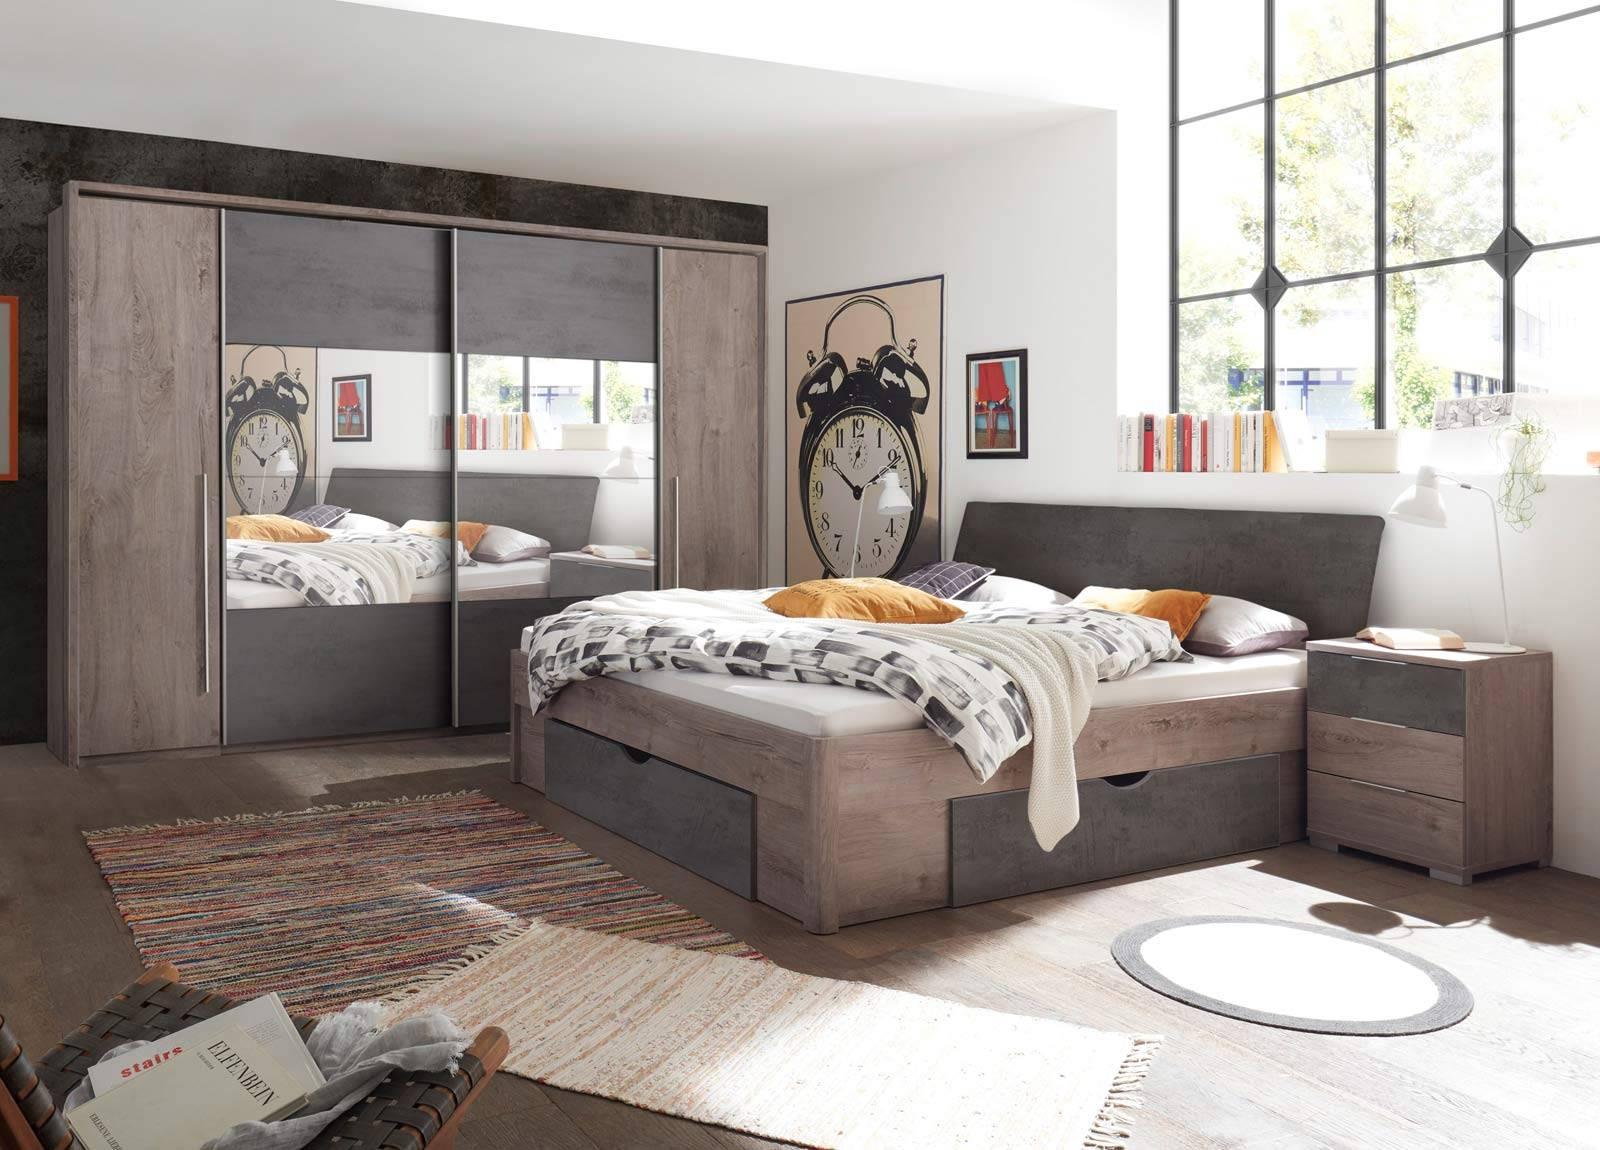 Full Size of Schlafzimmer Komplett Modern Luxus Massiv Set Weiss Deckenlampe Poco Kommode Mit Boxspringbett Sessel Led Deckenleuchte Küche Dusche Wandbilder Regal Betten Wohnzimmer Schlafzimmer Komplett Modern